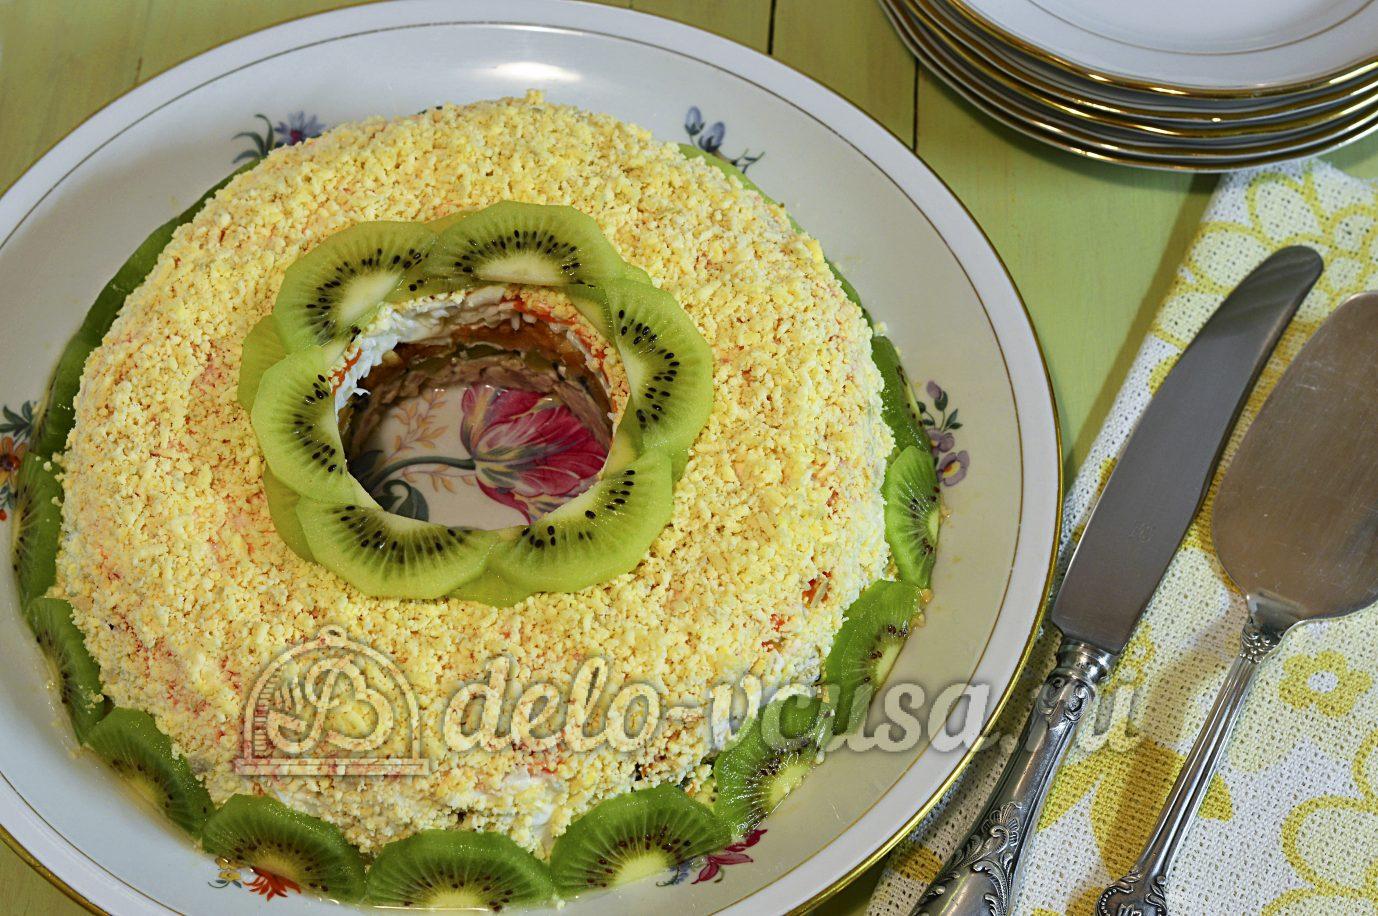 Салат малахитовый браслет пошаговый рецепт с